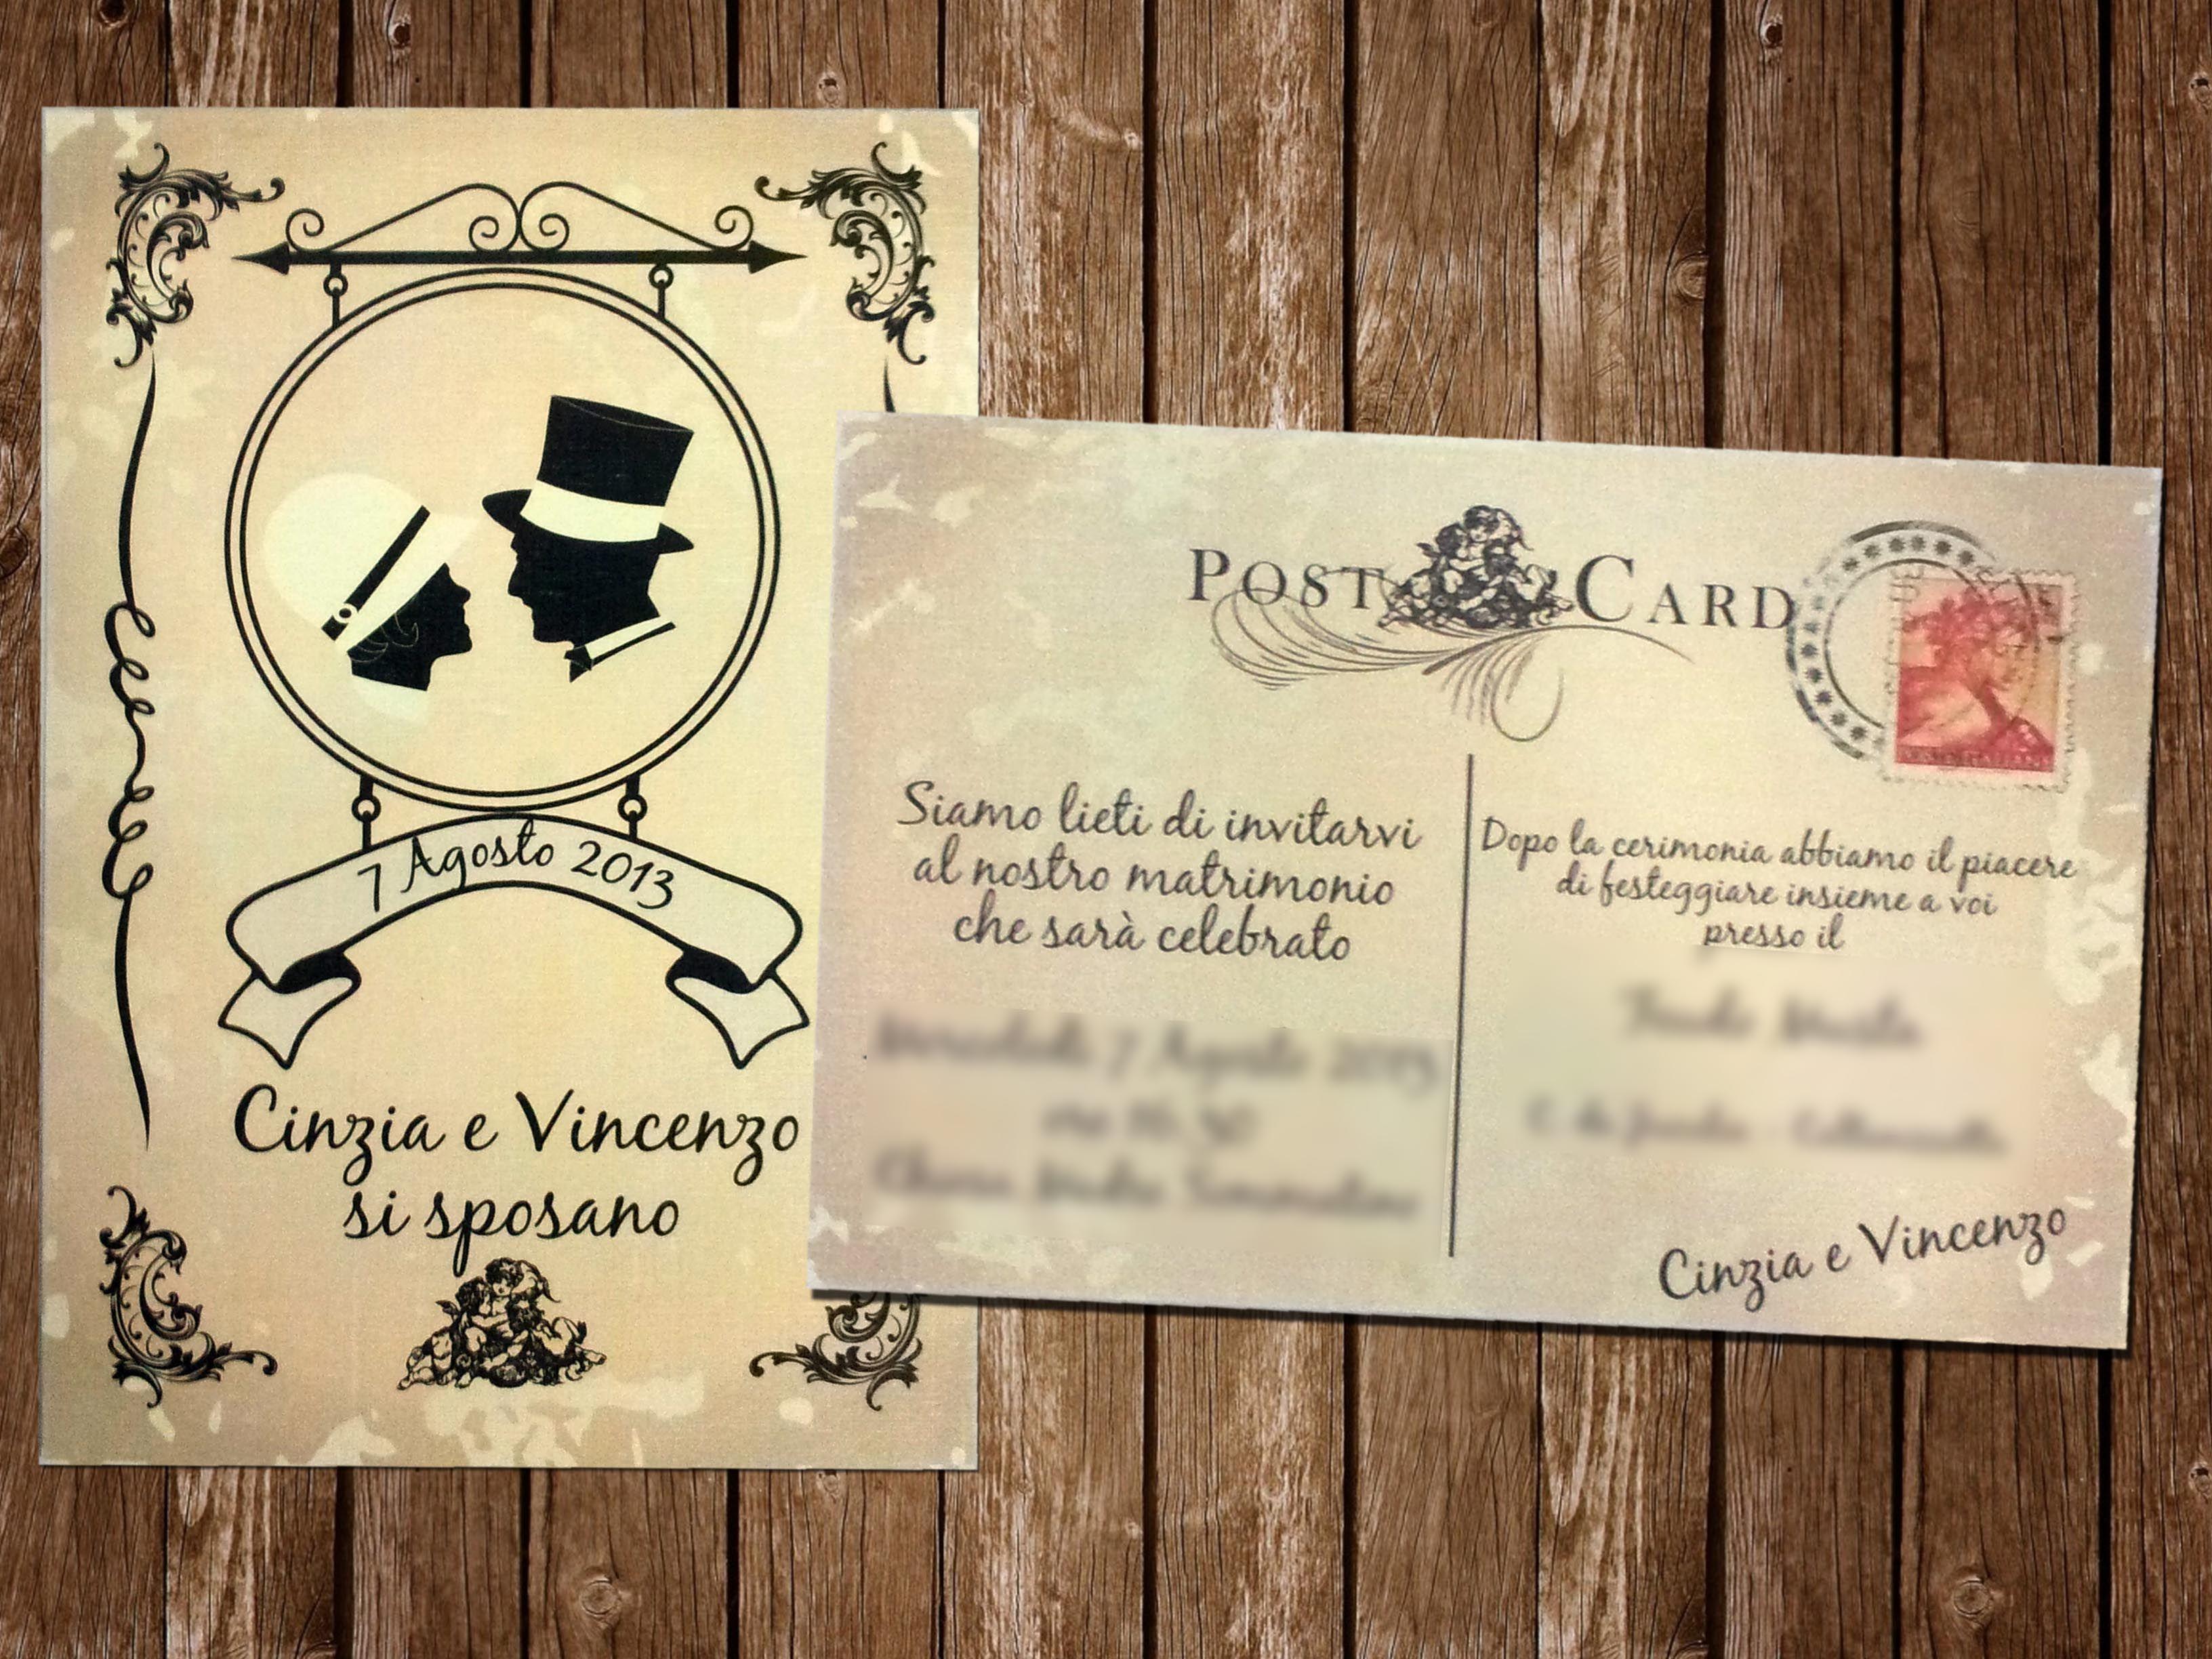 Partecipazione Vintage Cartolina Partecipazioni Nozze Nozze Decorazioni Matrimonio